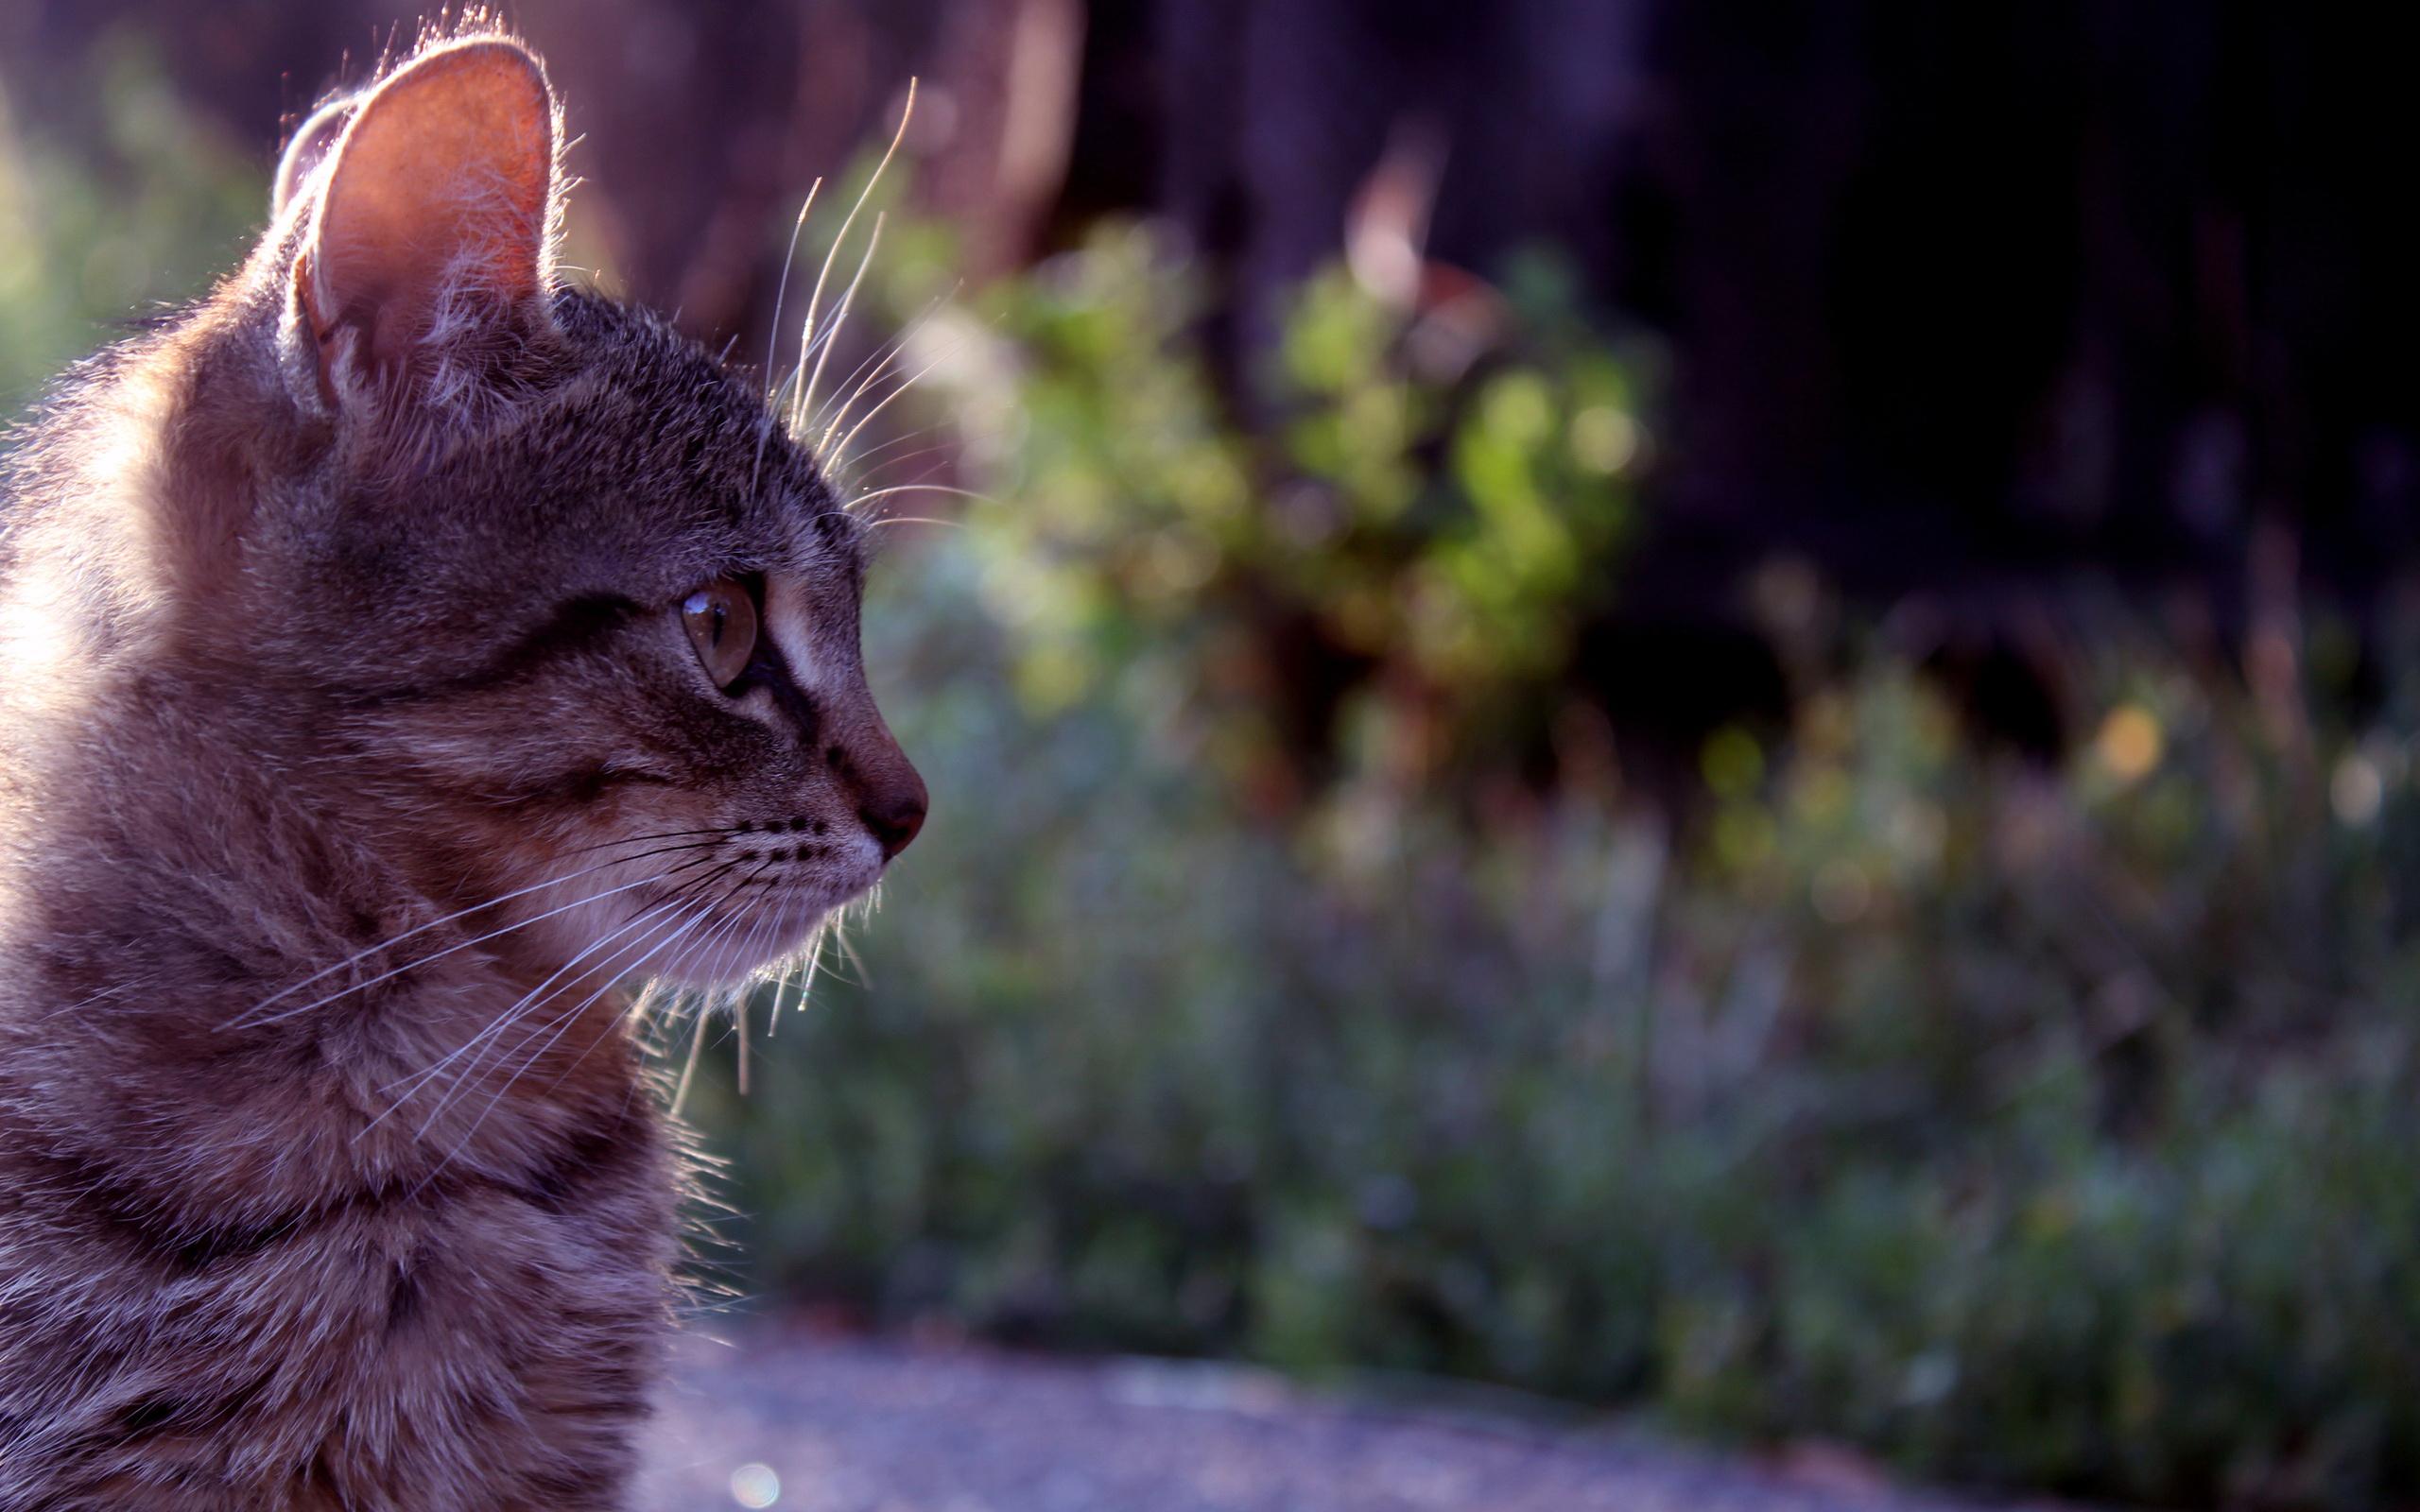 动物世界-猫咪写真03(2560x1600)壁纸